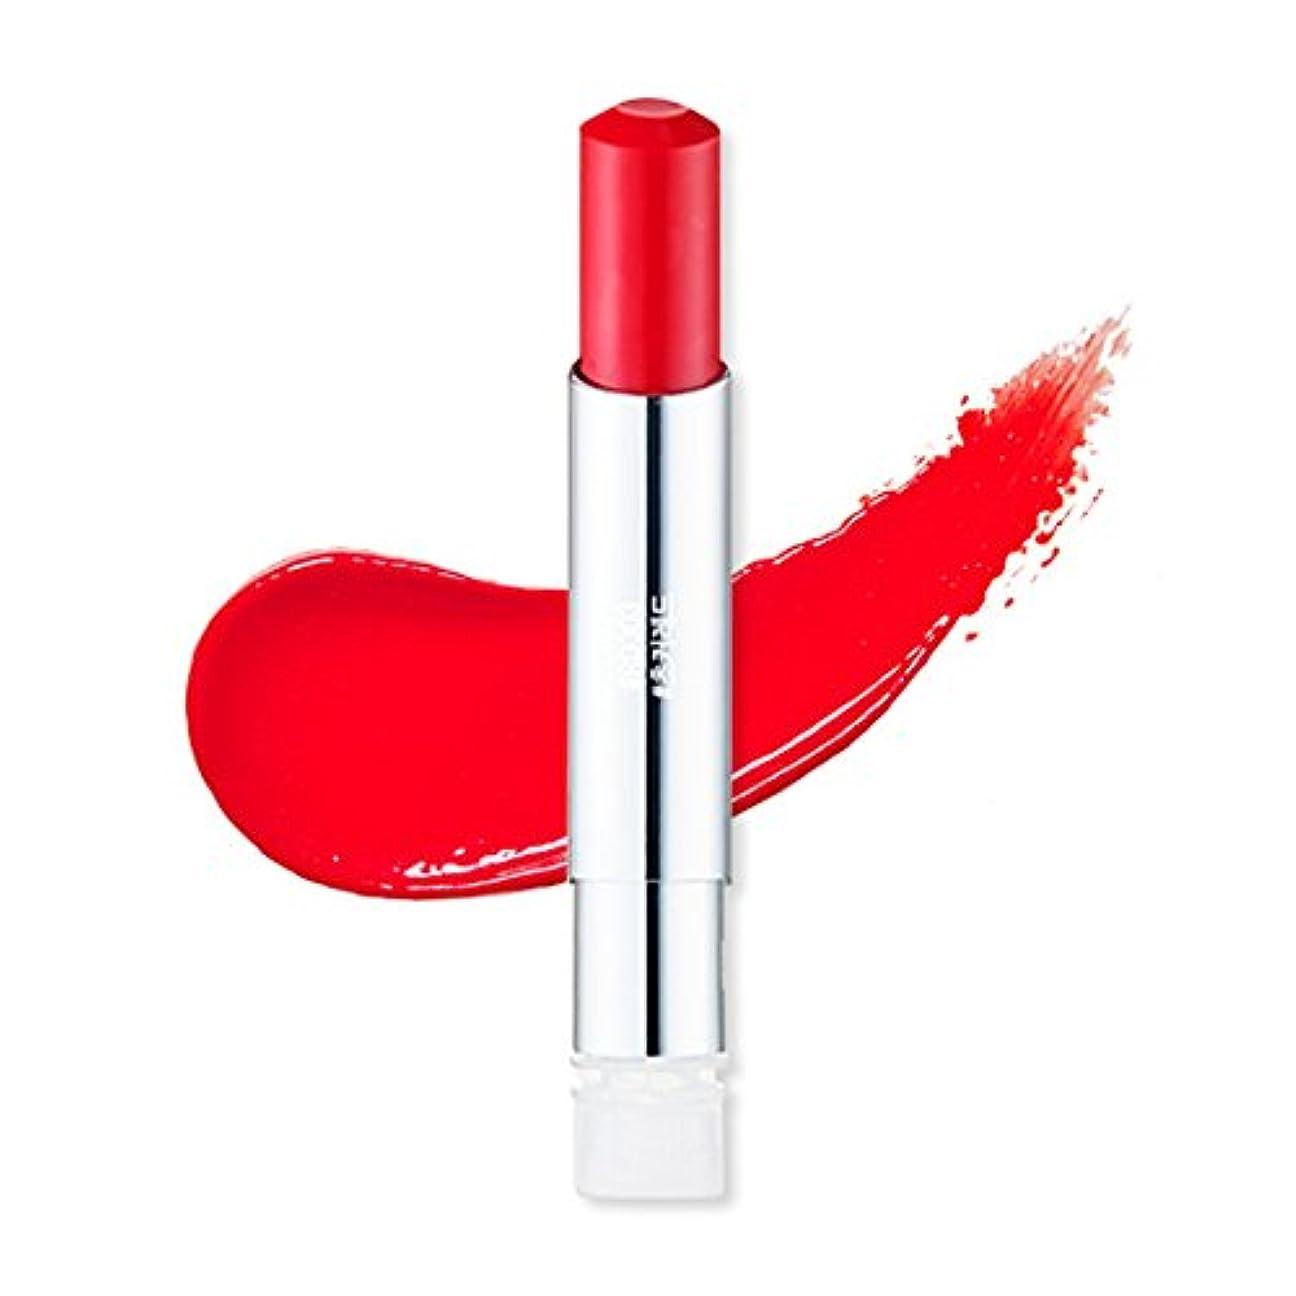 蜂霧固執Etude House Glass Tinting Lips Talk #RD303 エチュードハウスグラスチンチンリップトーク #RD303 [並行輸入品]